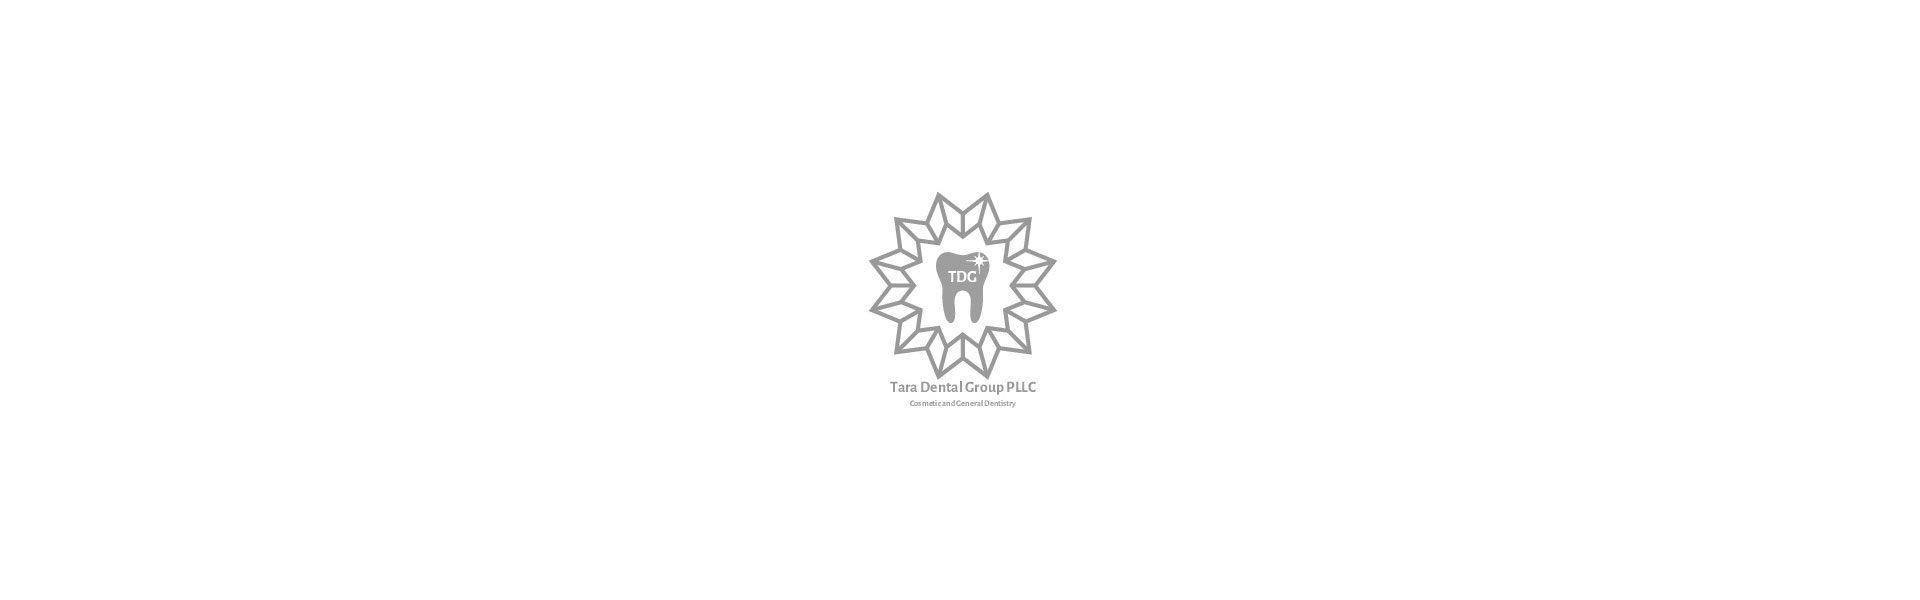 Celebrate Tara Dental Group